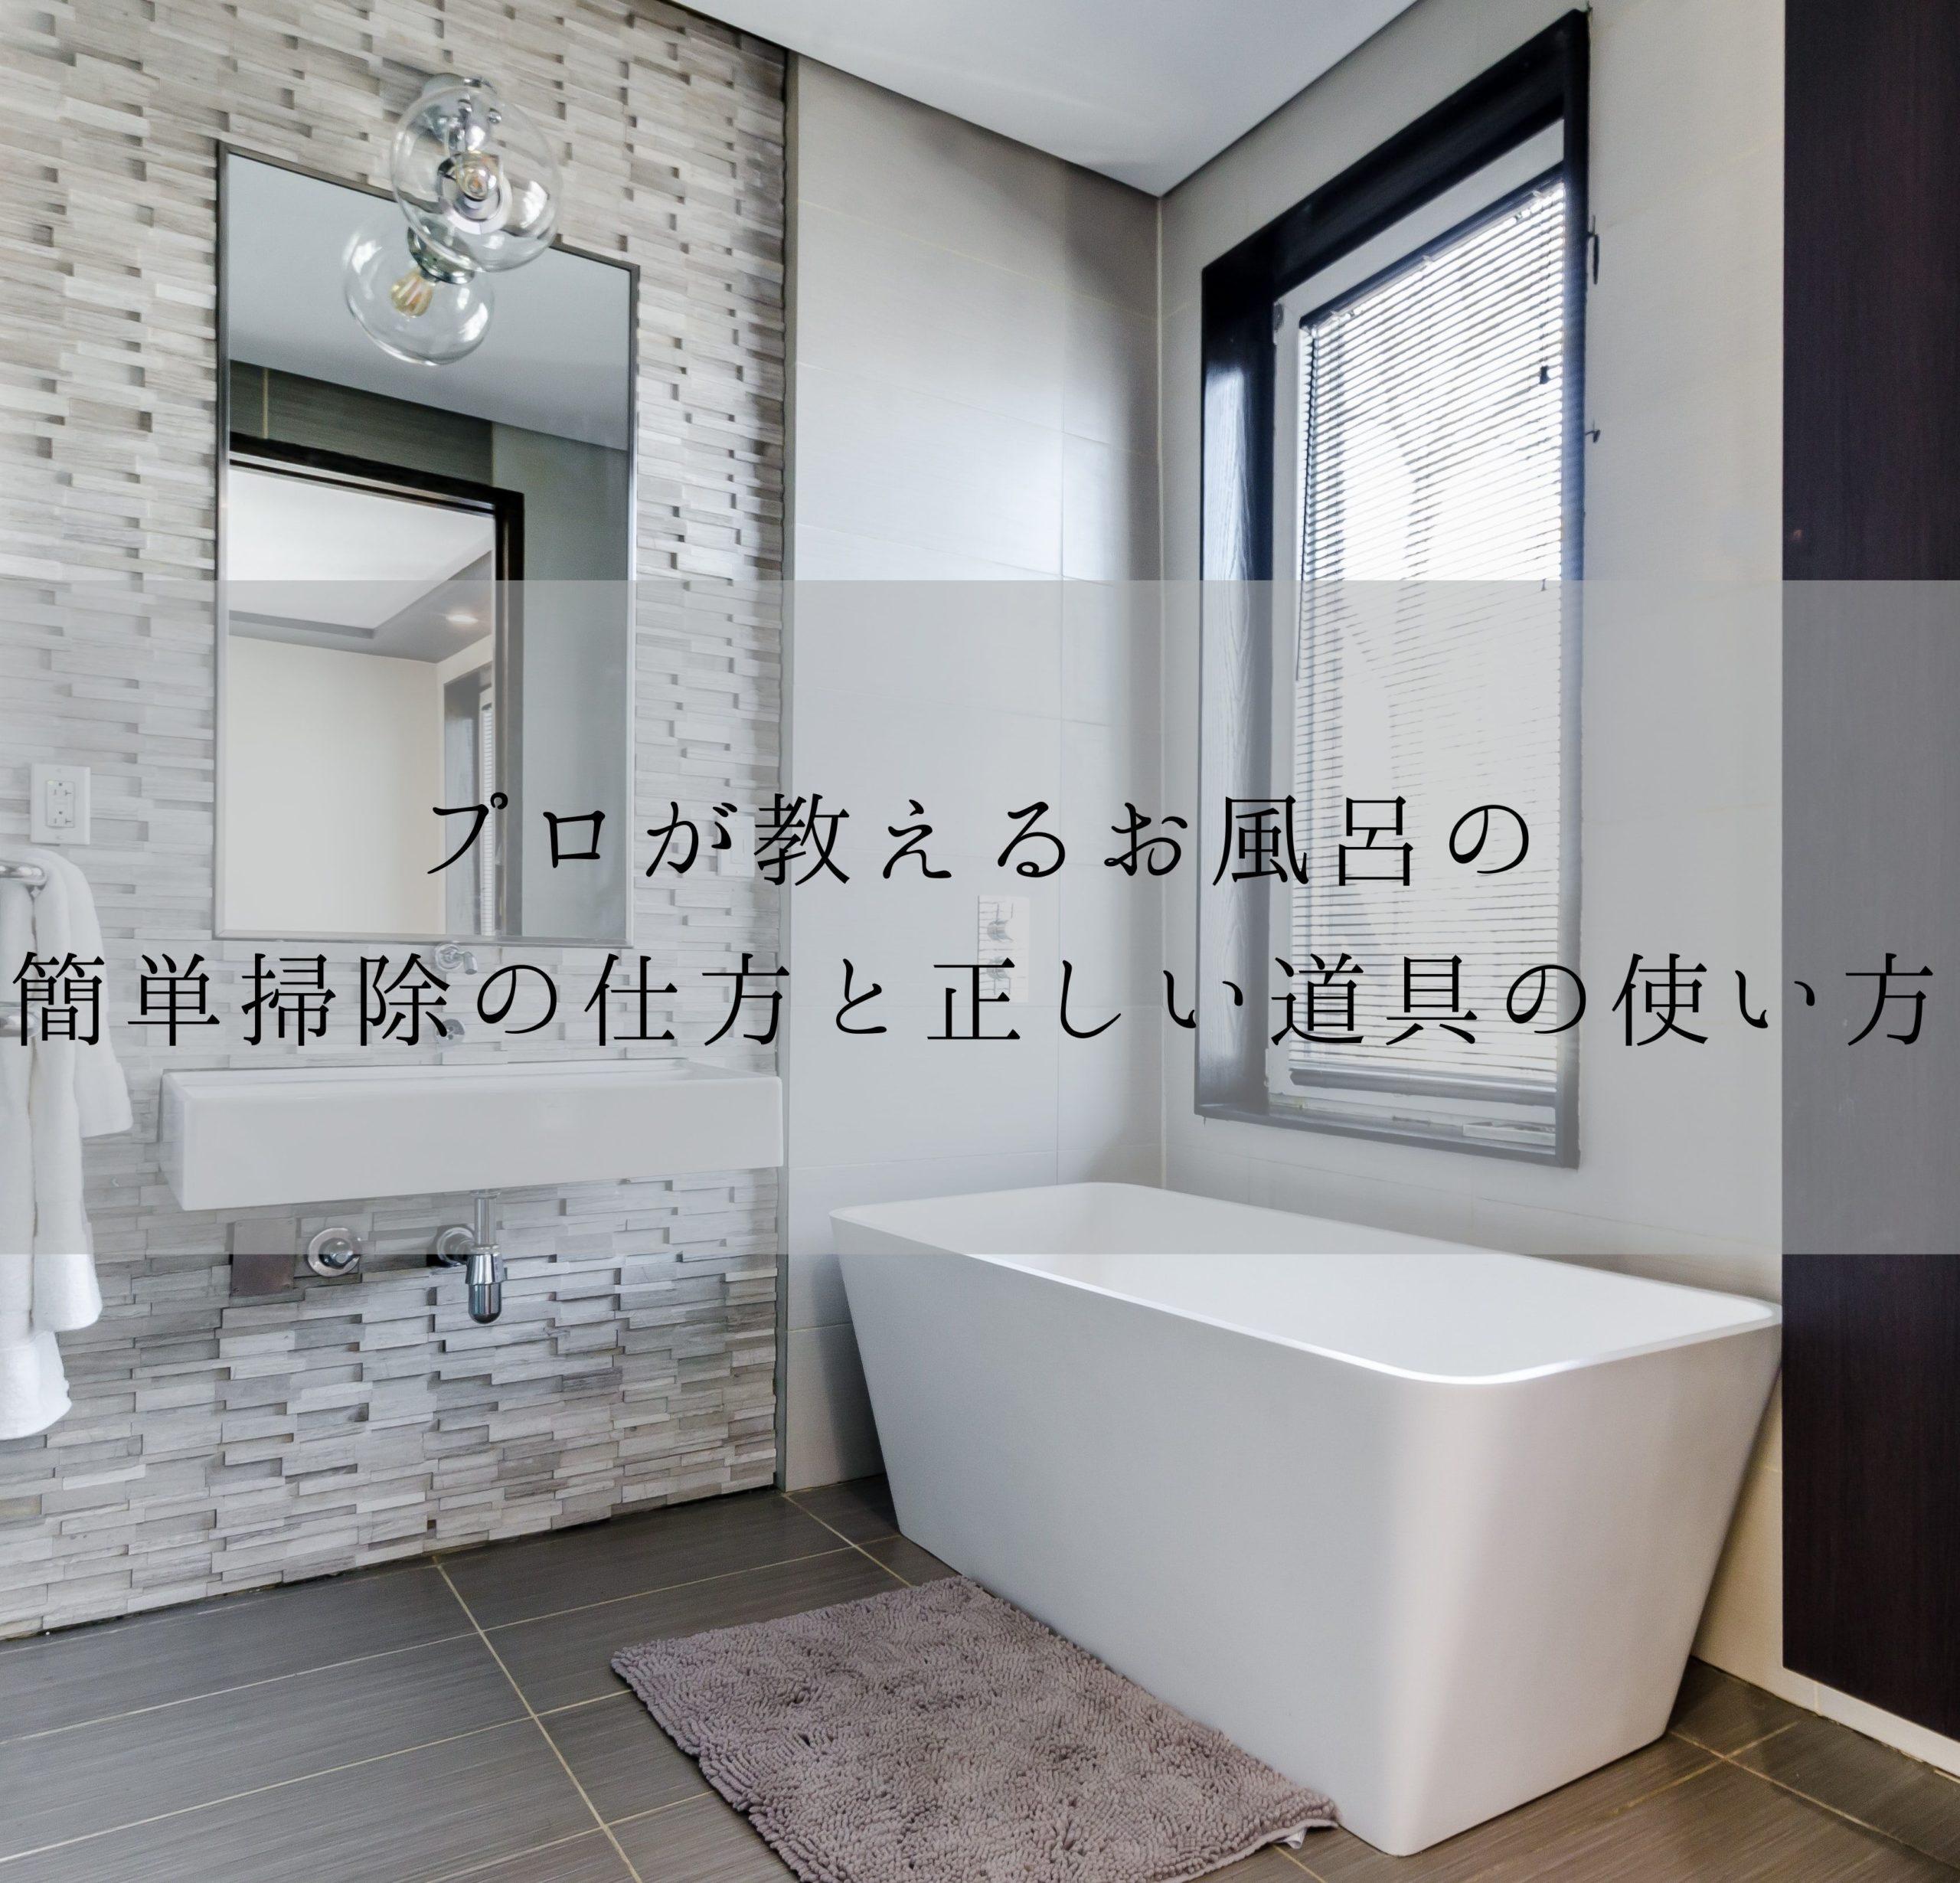 bathroom-easy-clean-tool-